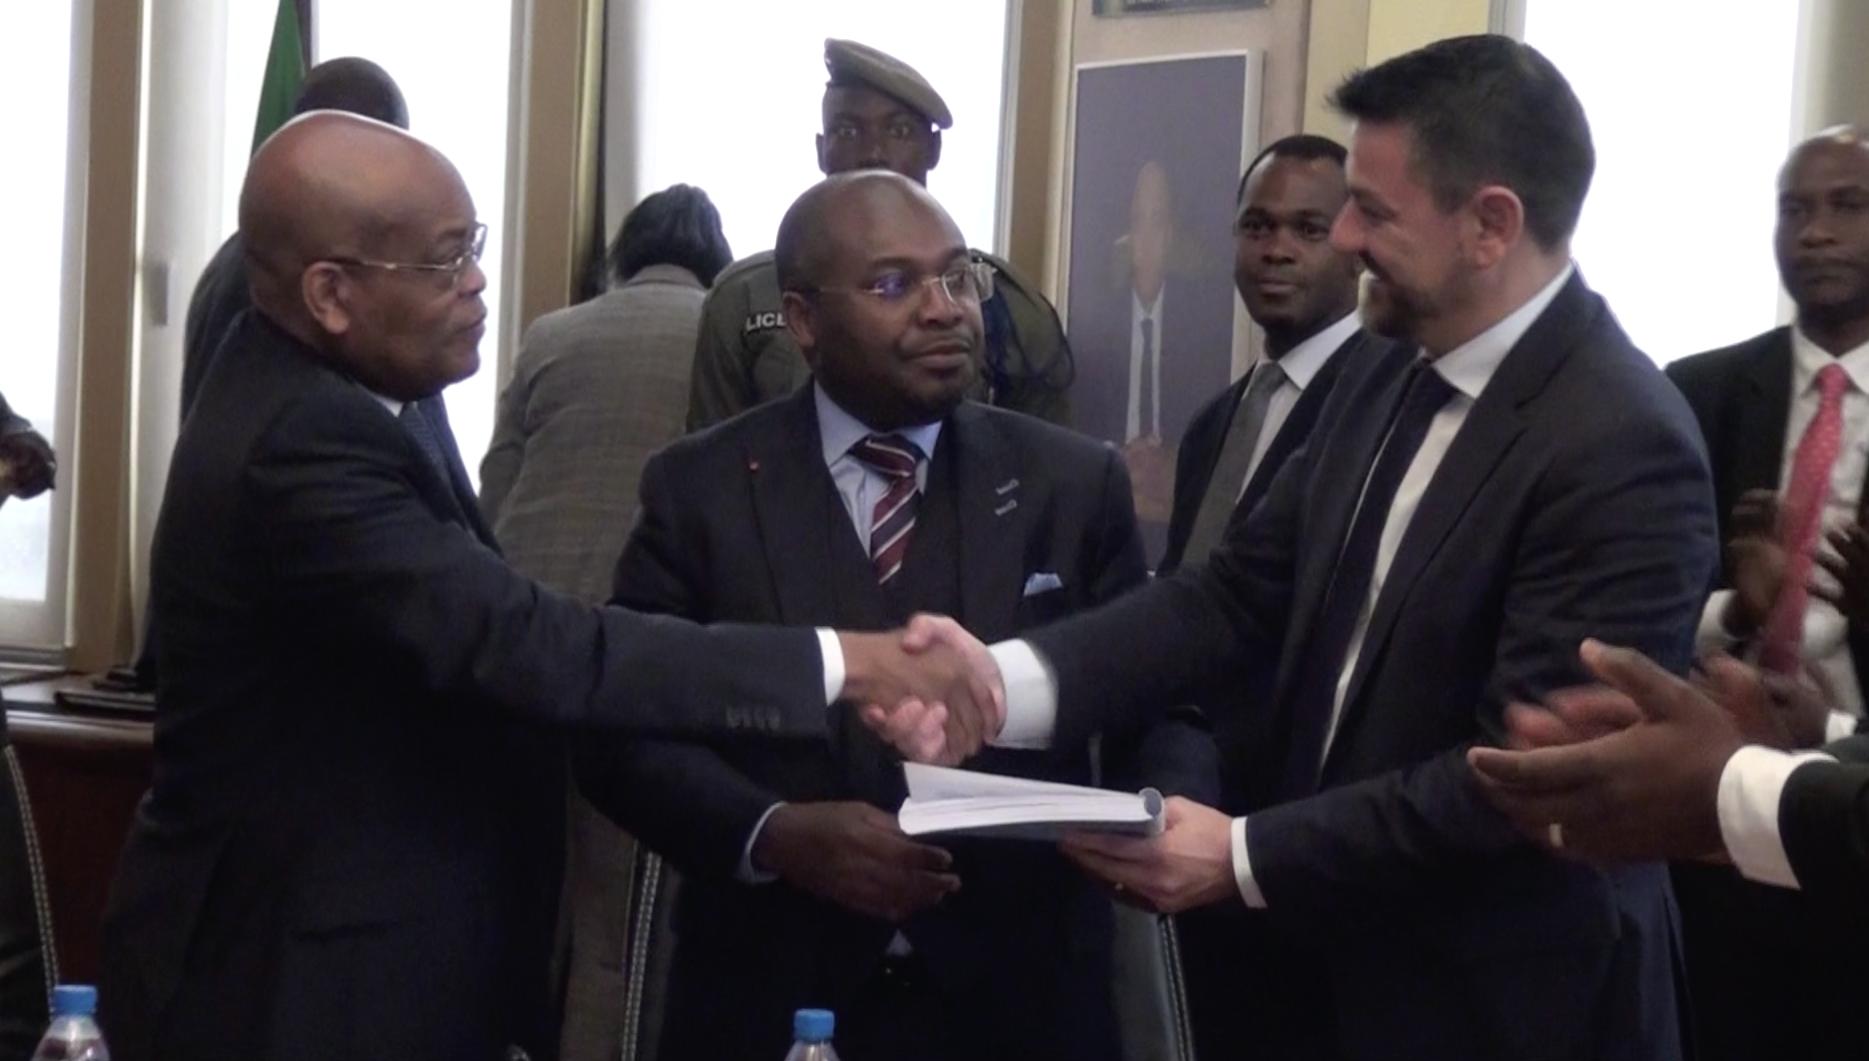 Signature de sept contrats entre l'état et les compagnies pétrolières que sont Assala Upstream Gabon, Assala Gabon SA, Perenco Oil & Gas Gabon et Sinopec Oversas & Gas Limited!